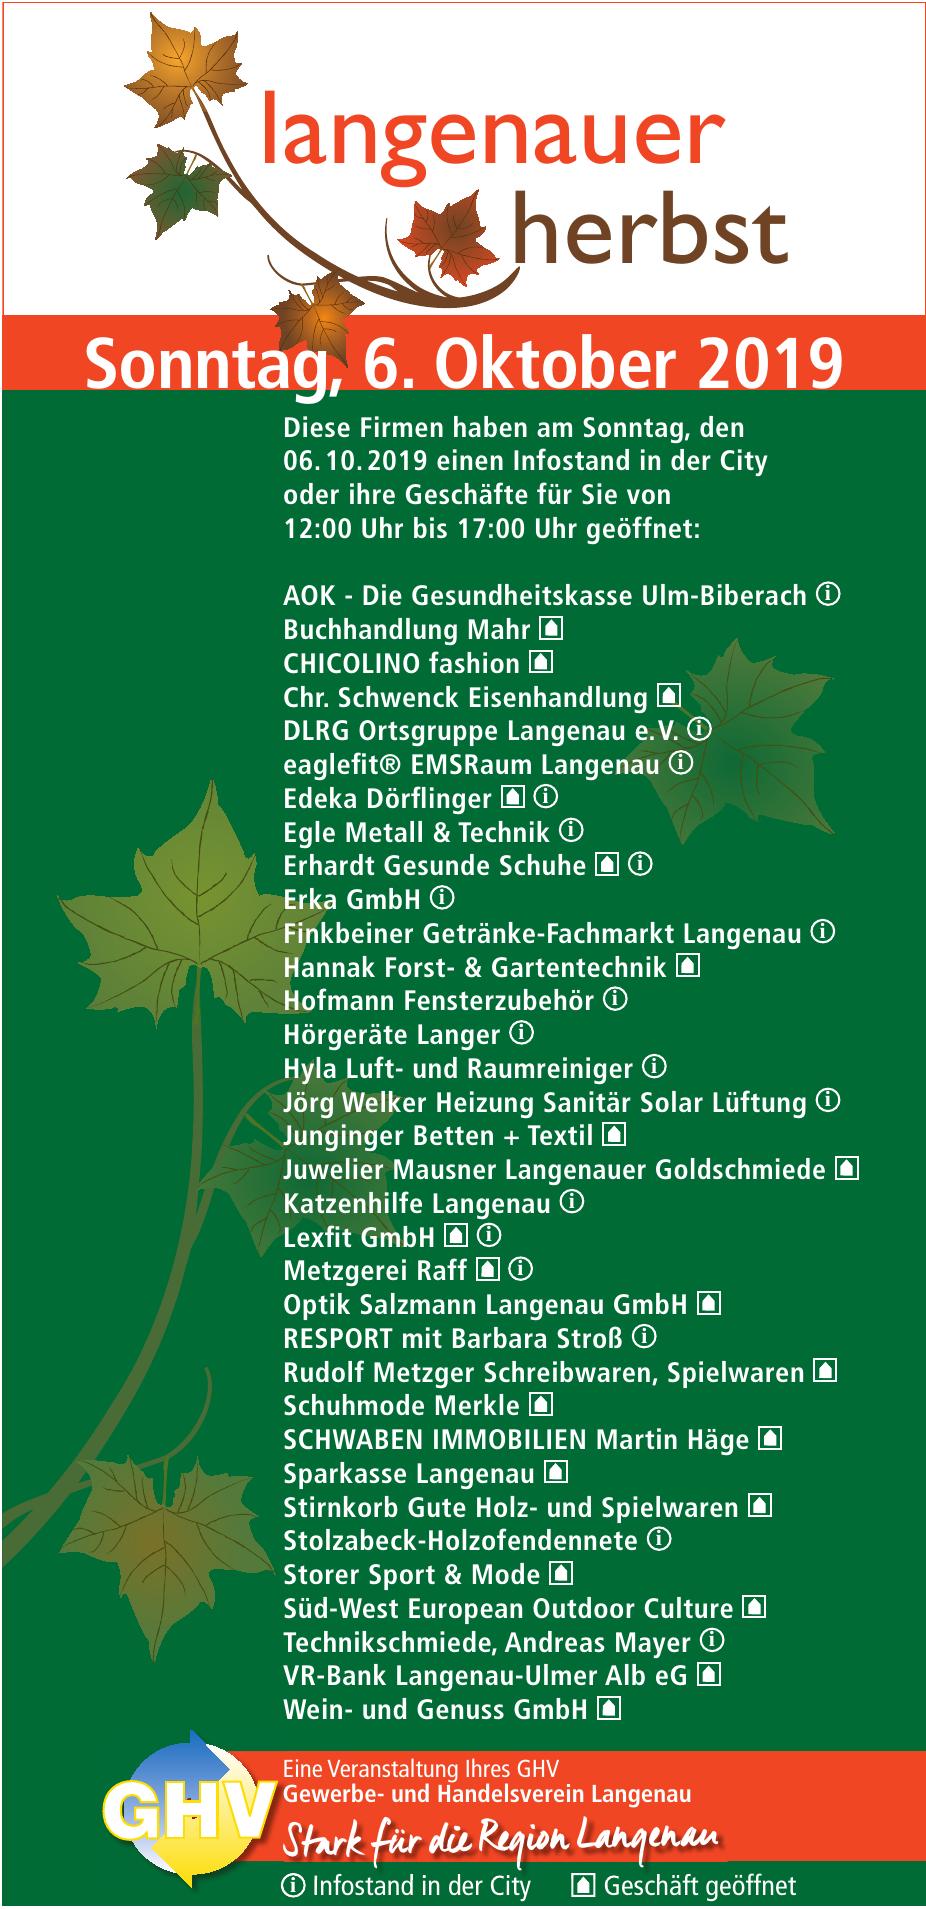 GHV Gewerbe- und Handelsverein Langenau